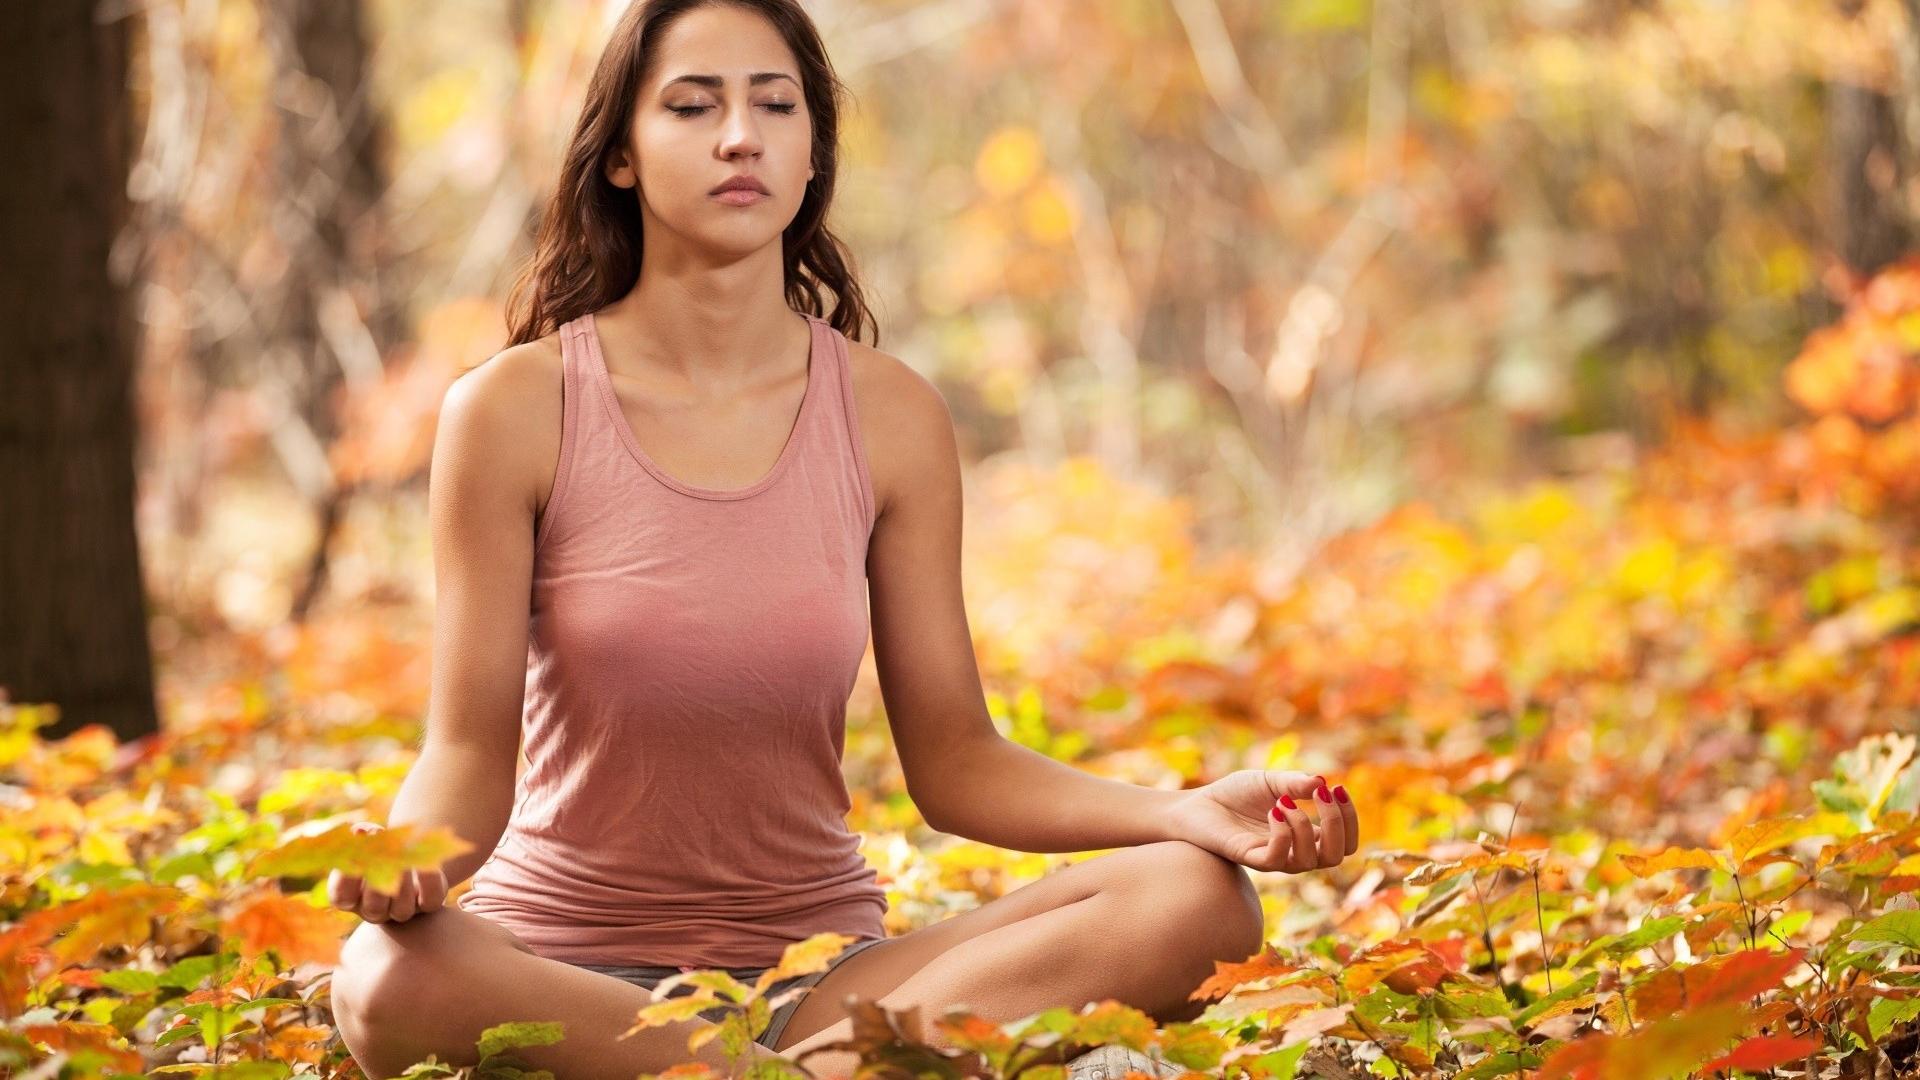 Desktop Wallpaper Yoga Meditation Girl Model Fall Hd Image Picture Background Jap2l4